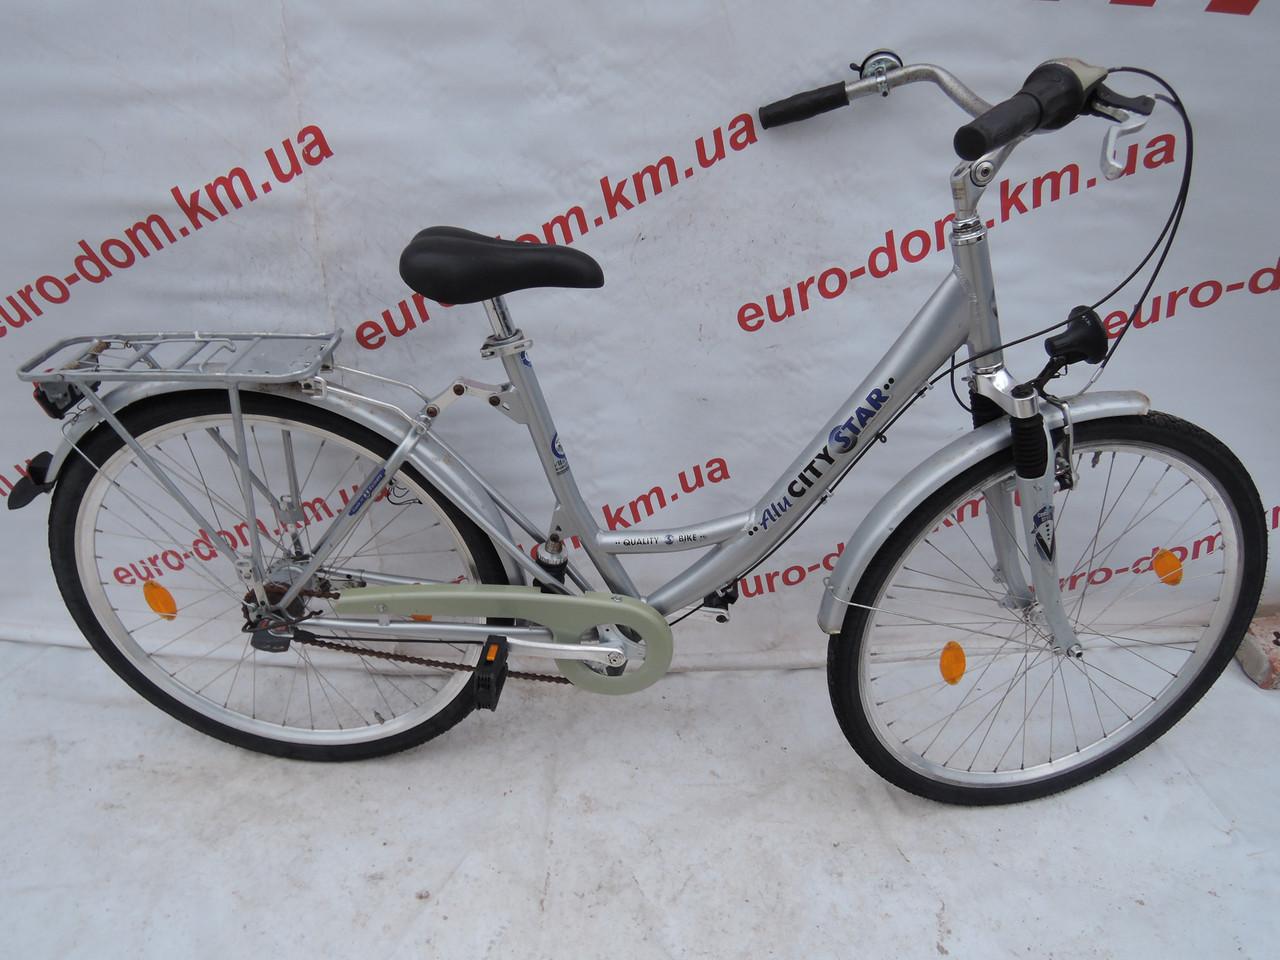 Городской велосипед AluSityStar 28 колеса 7 скоростей на планетарке